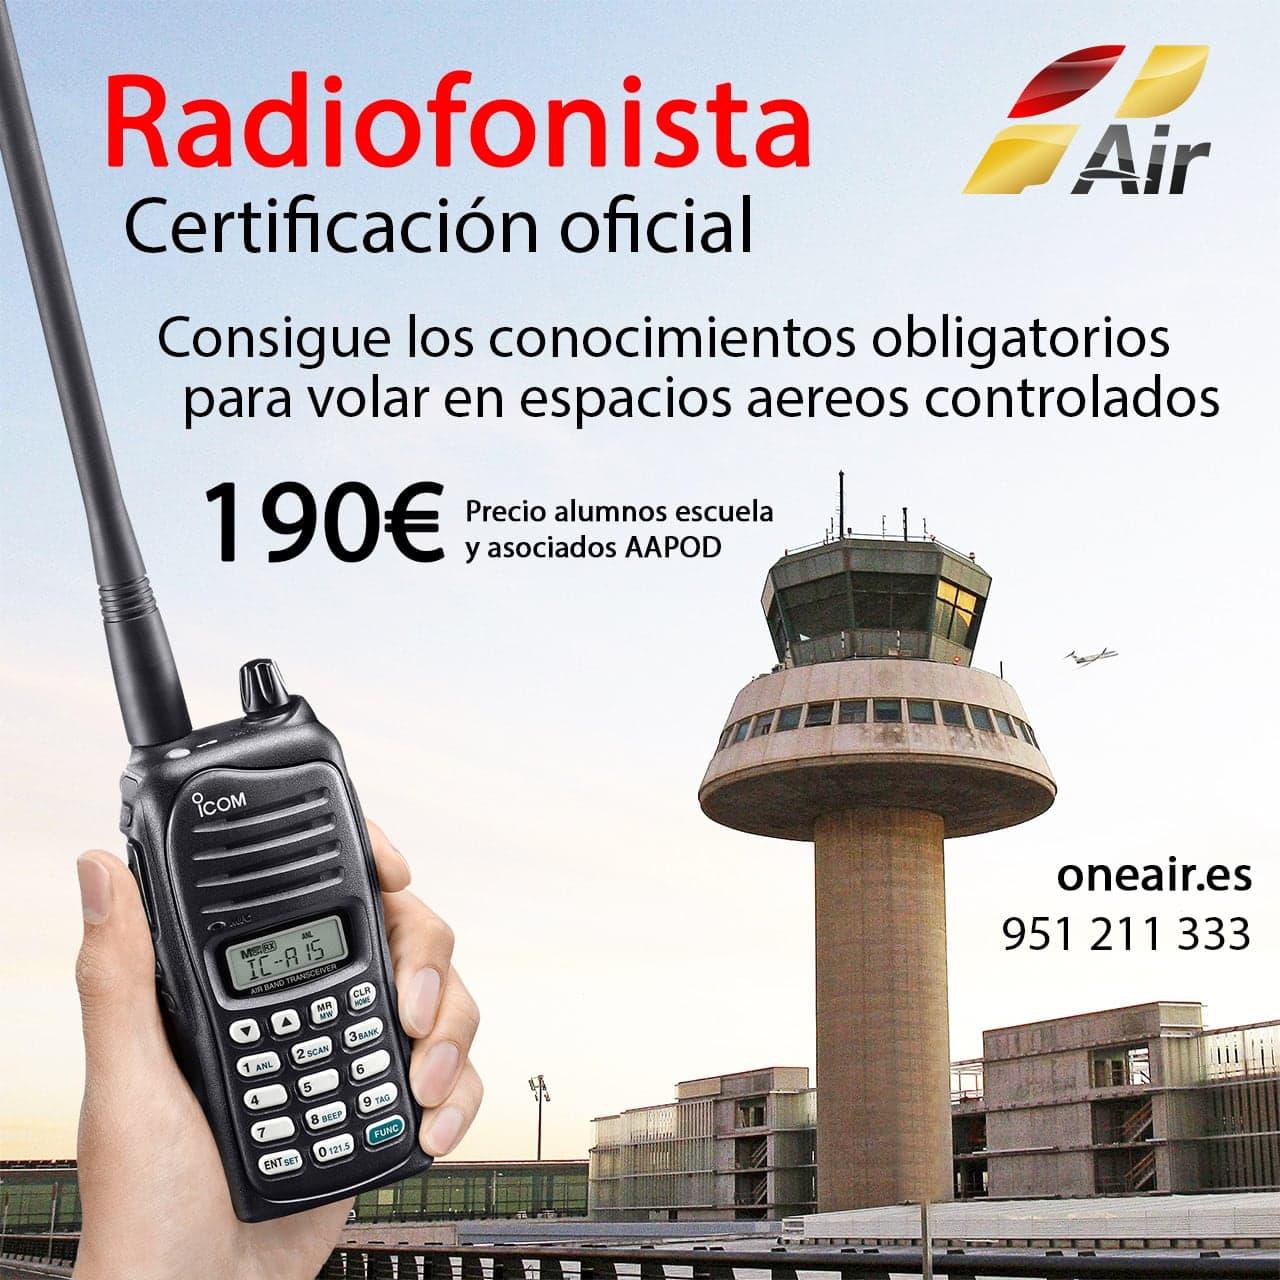 torre de control de aeropuerto y una mano con una radio para hablar de forma remota